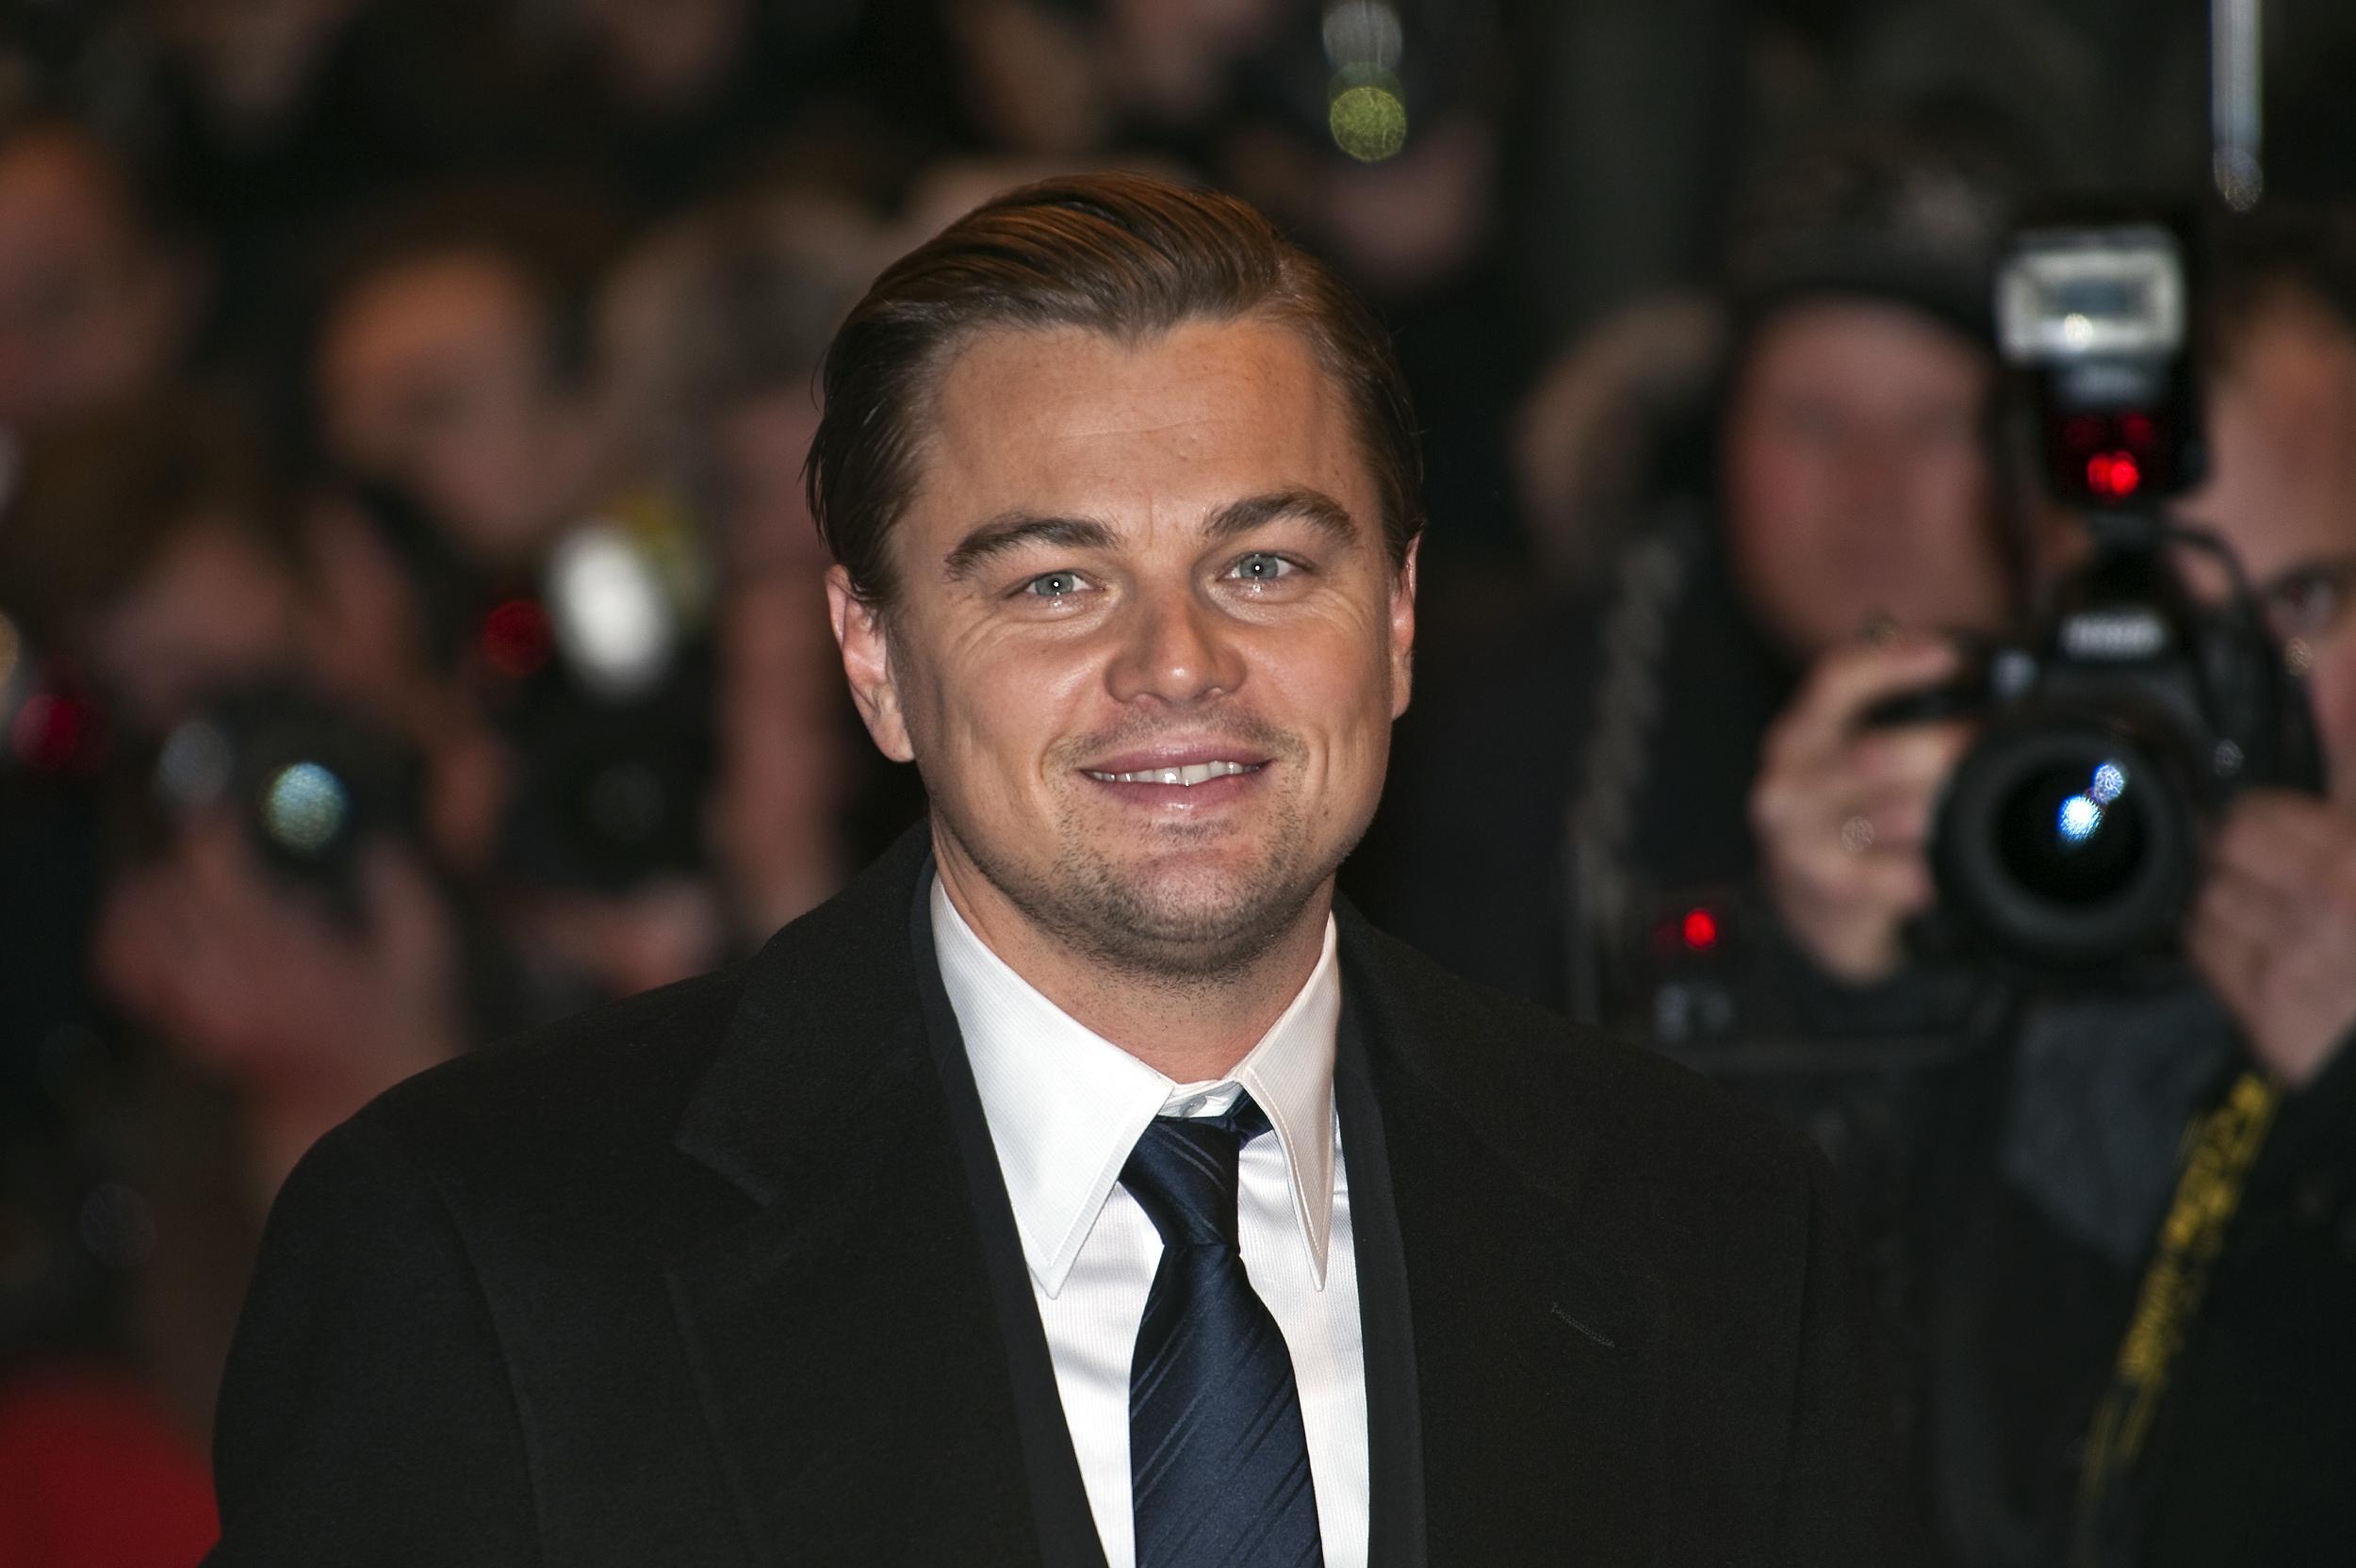 Numéro de téléphone de l'agence de Leonardo Di Caprio :